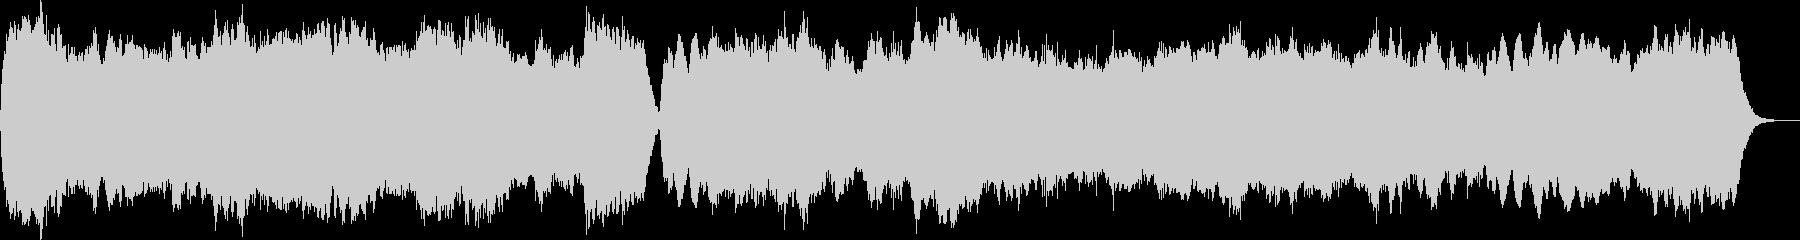 重々しく荘厳なパイプオルガンソロの未再生の波形